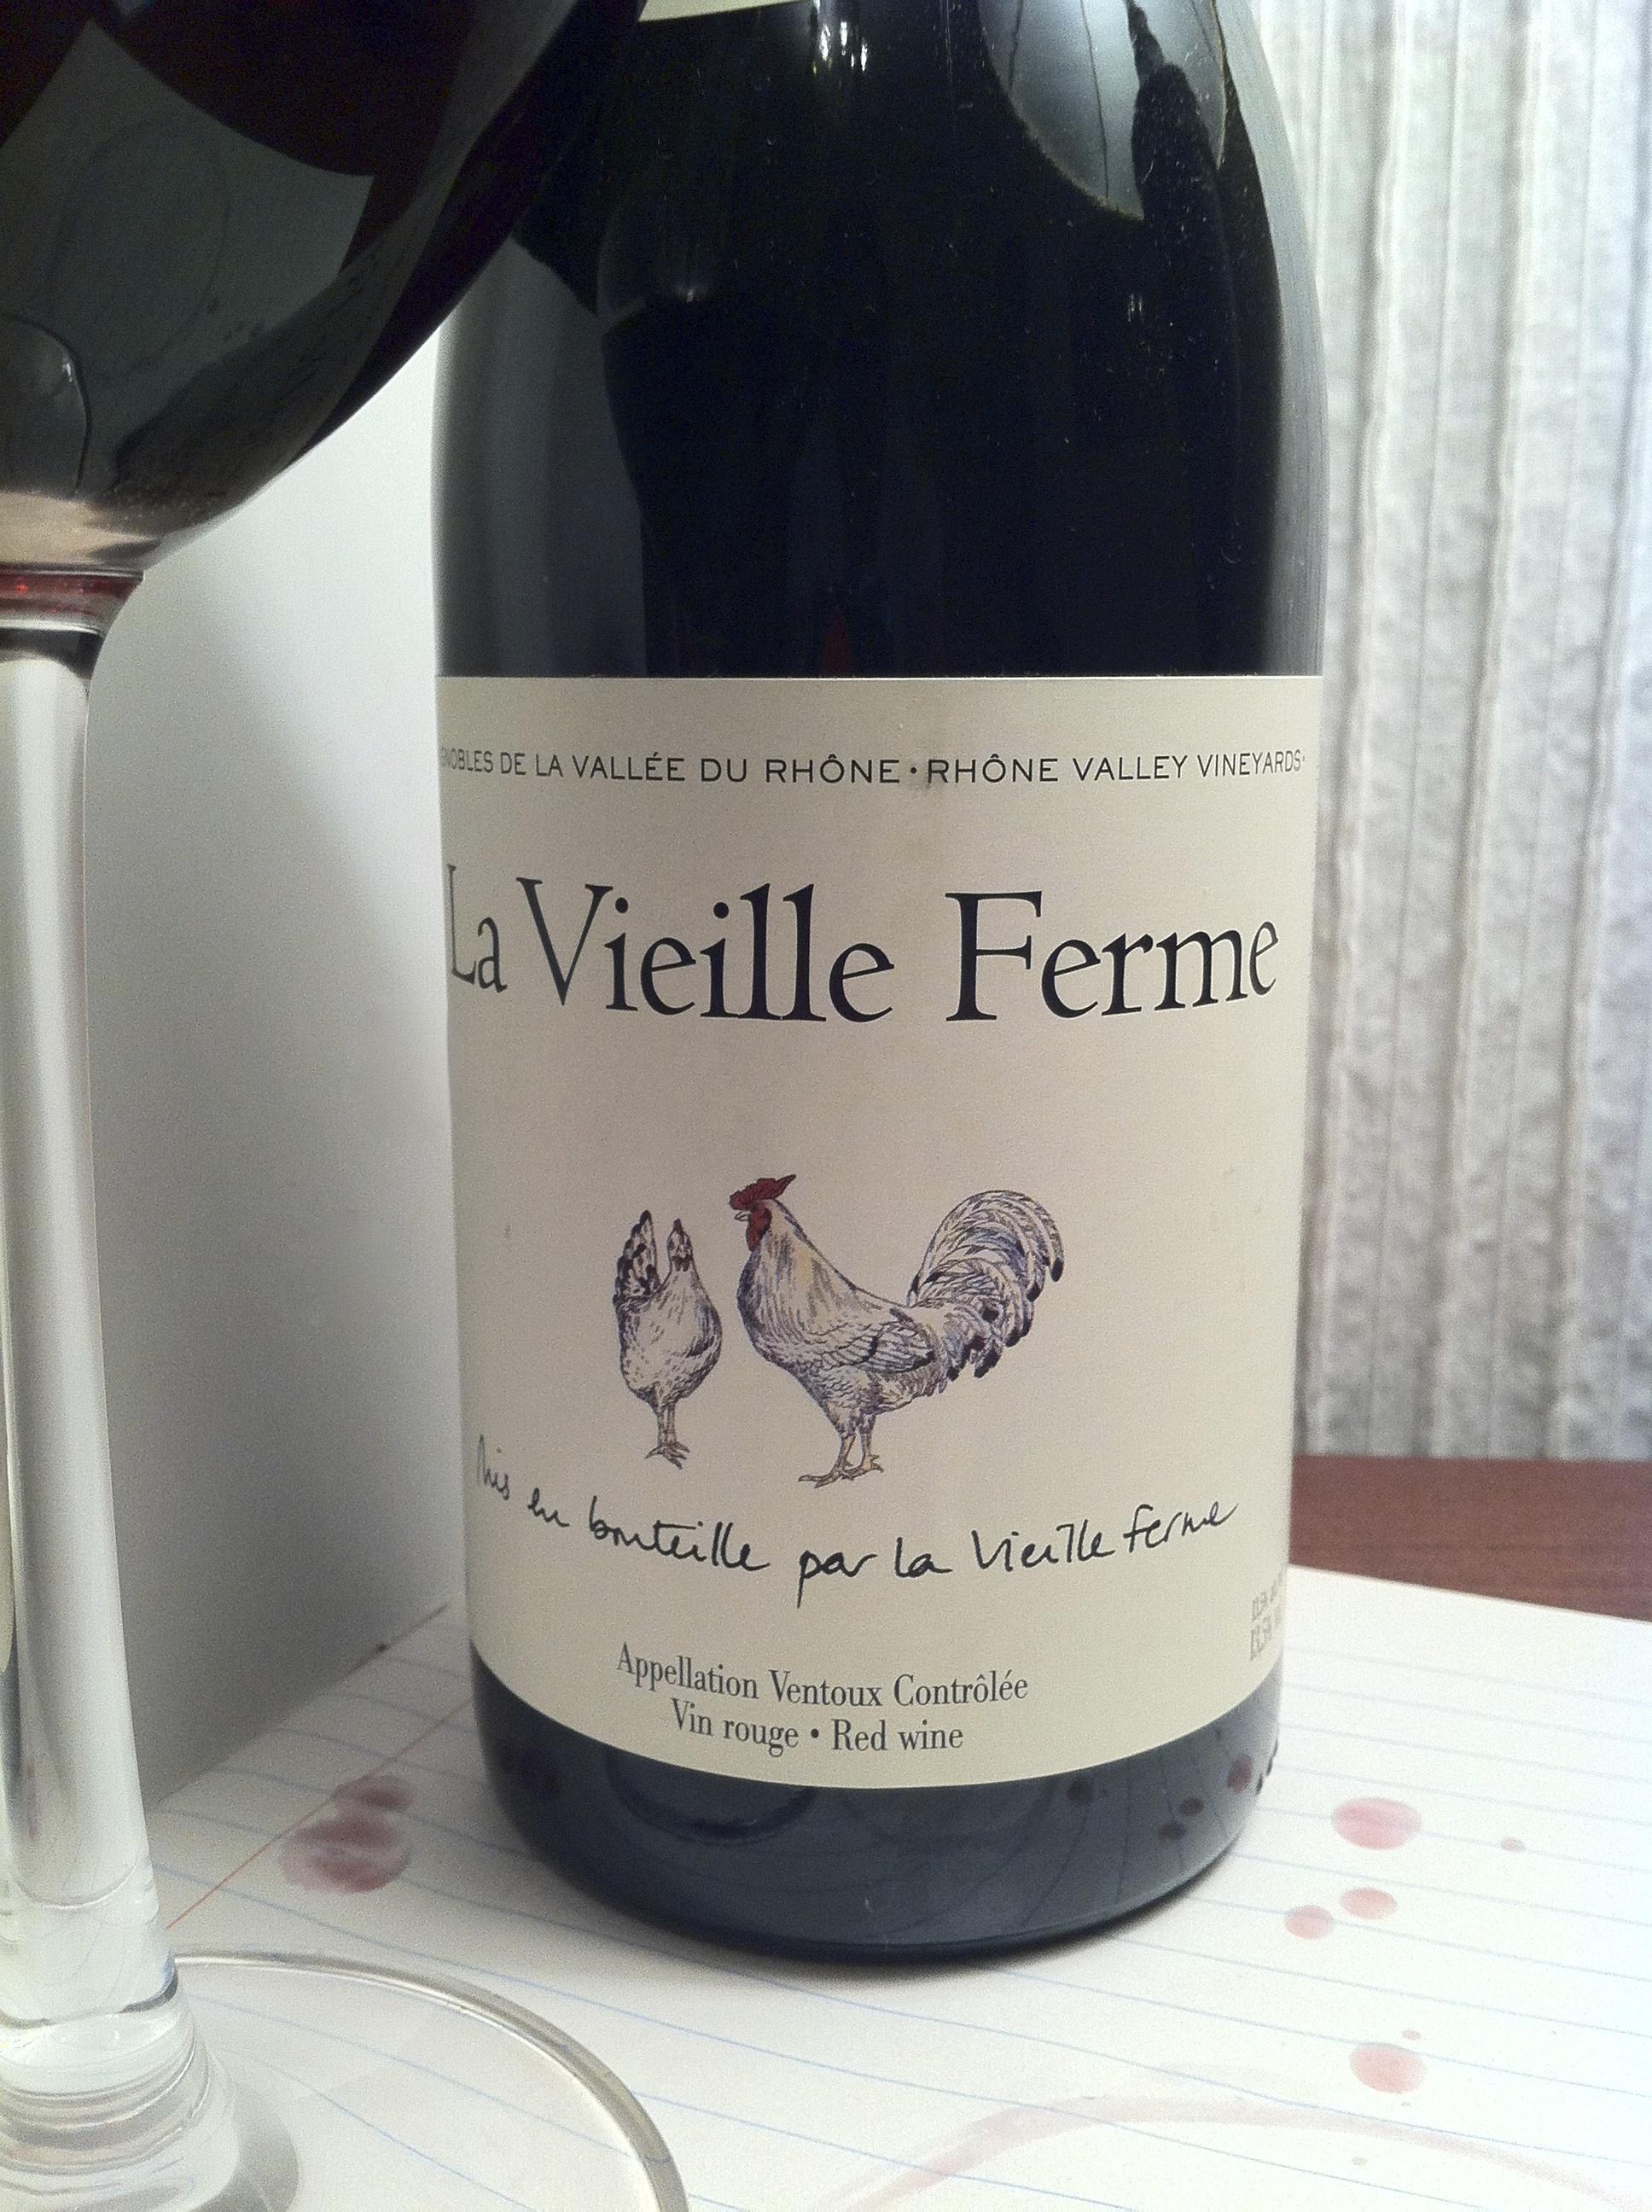 La Vieille Ferme Vin Rouge, Ventoux AC, France 2